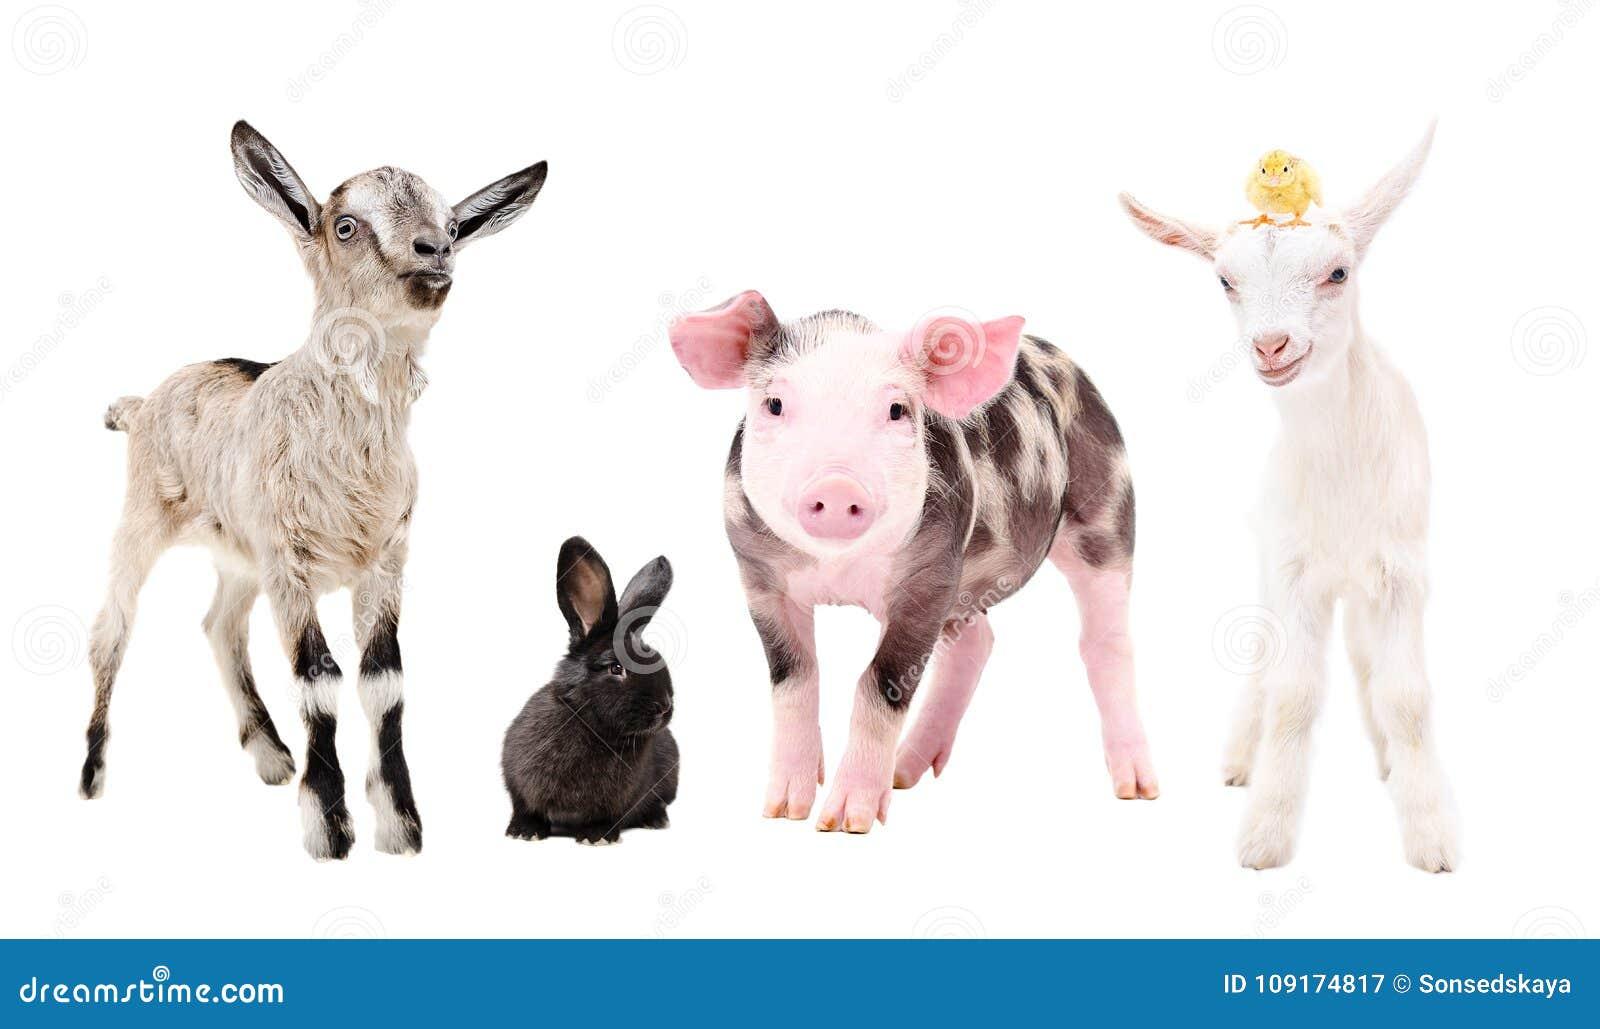 Nette kleine Vieh, zusammen stehend